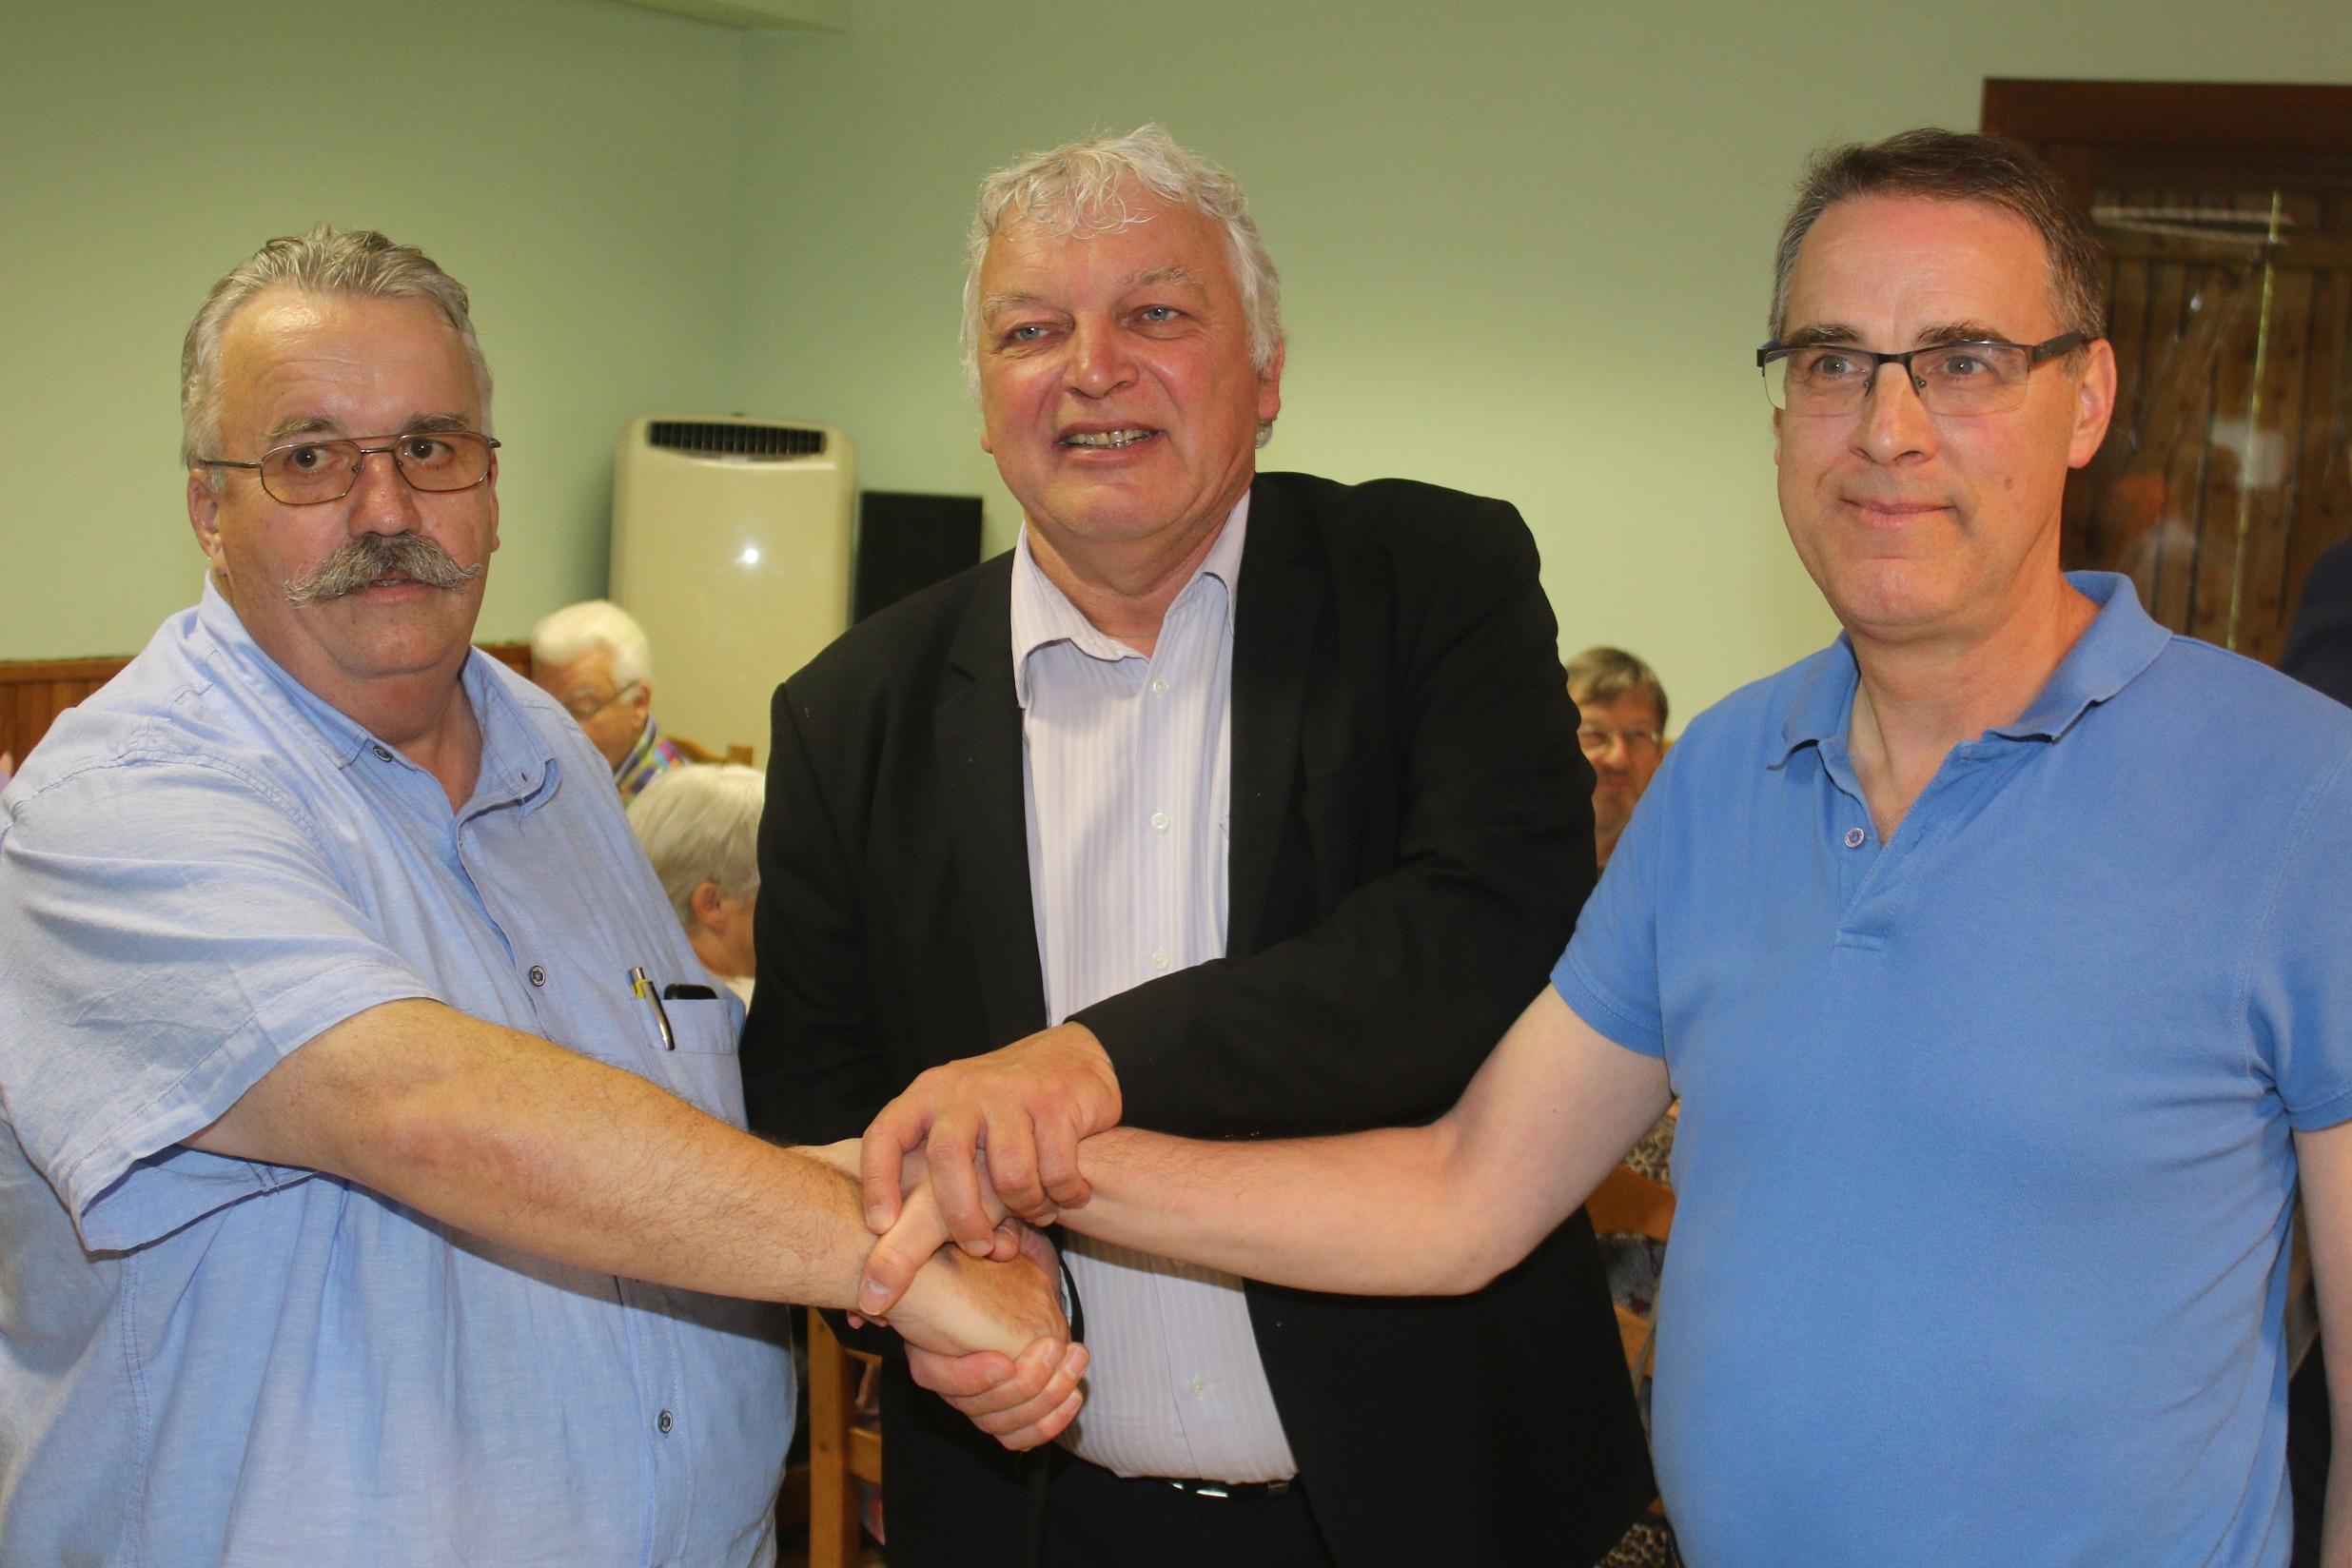 Die Vorstände der beiden Vereine mit dem Bürgermeister von Nogent. Foto: Olivier Duflot